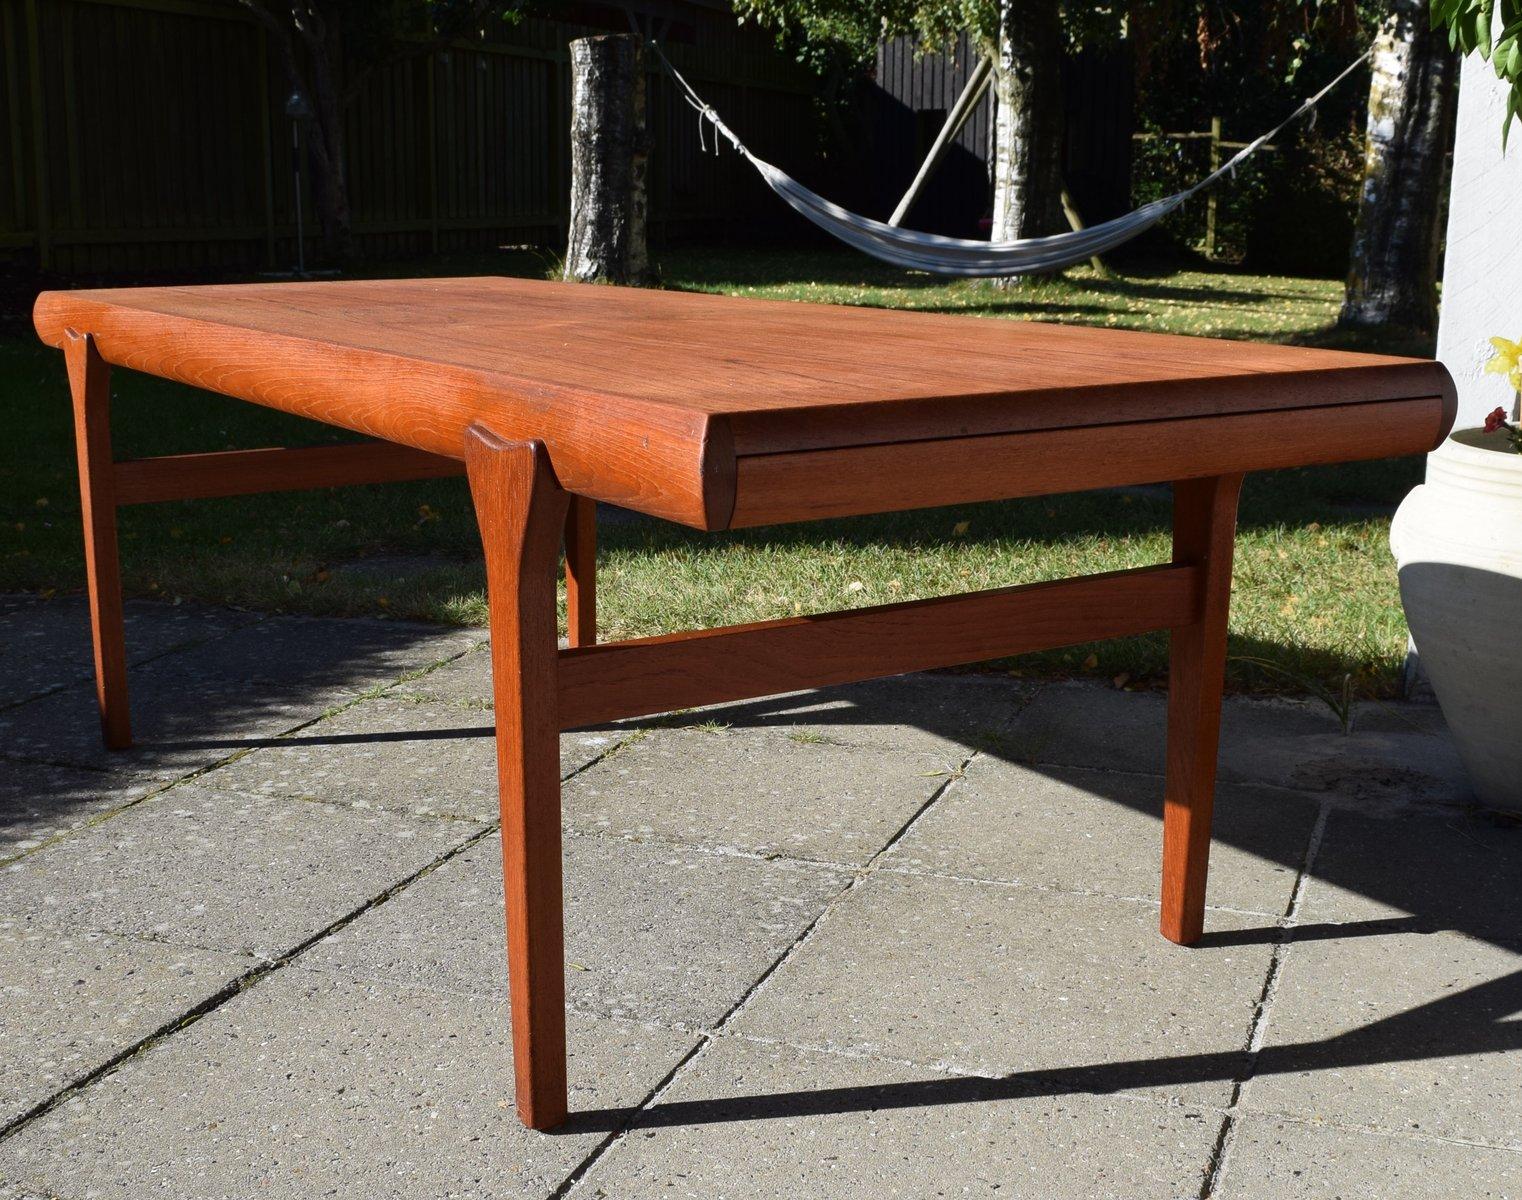 Vintage Teak Coffee Table By Johannes Andersen For Cfc Silkeborg